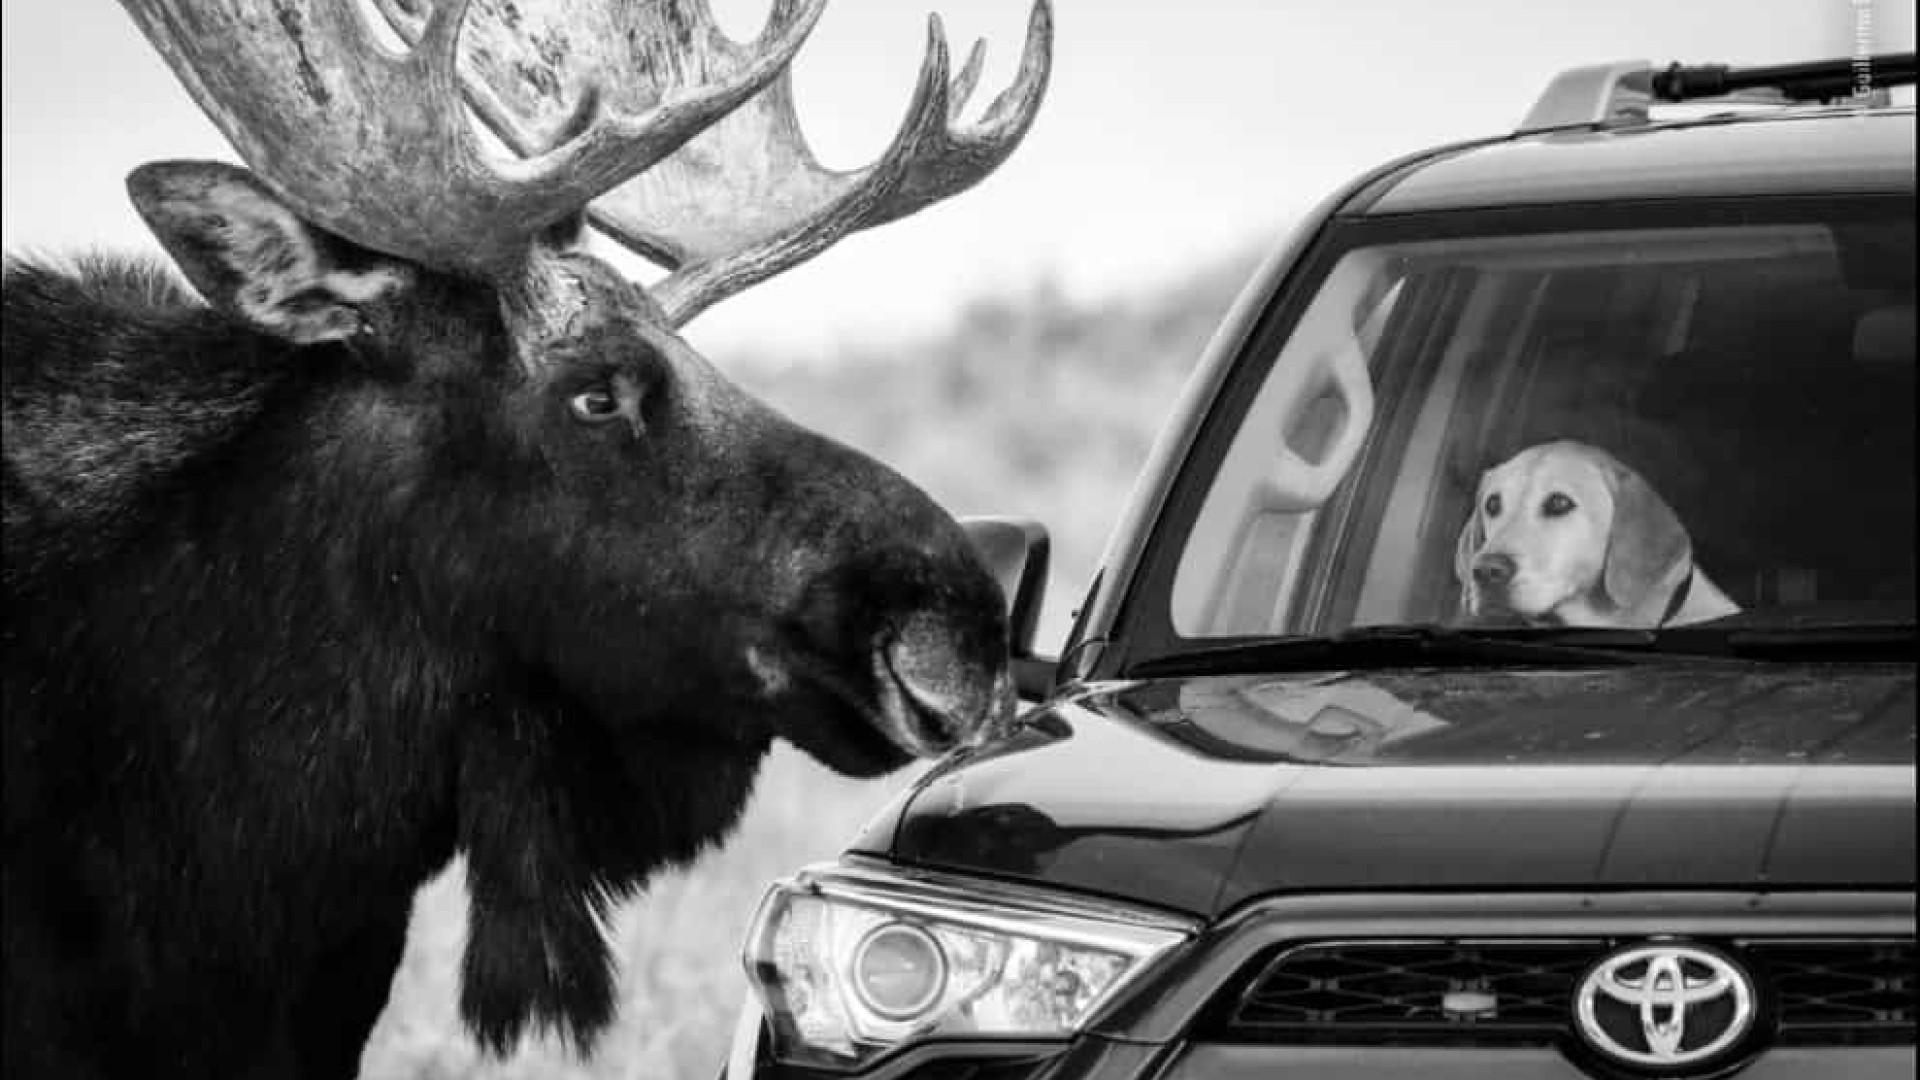 O belo, o mau e o vilão na vida selvagem em fotografias